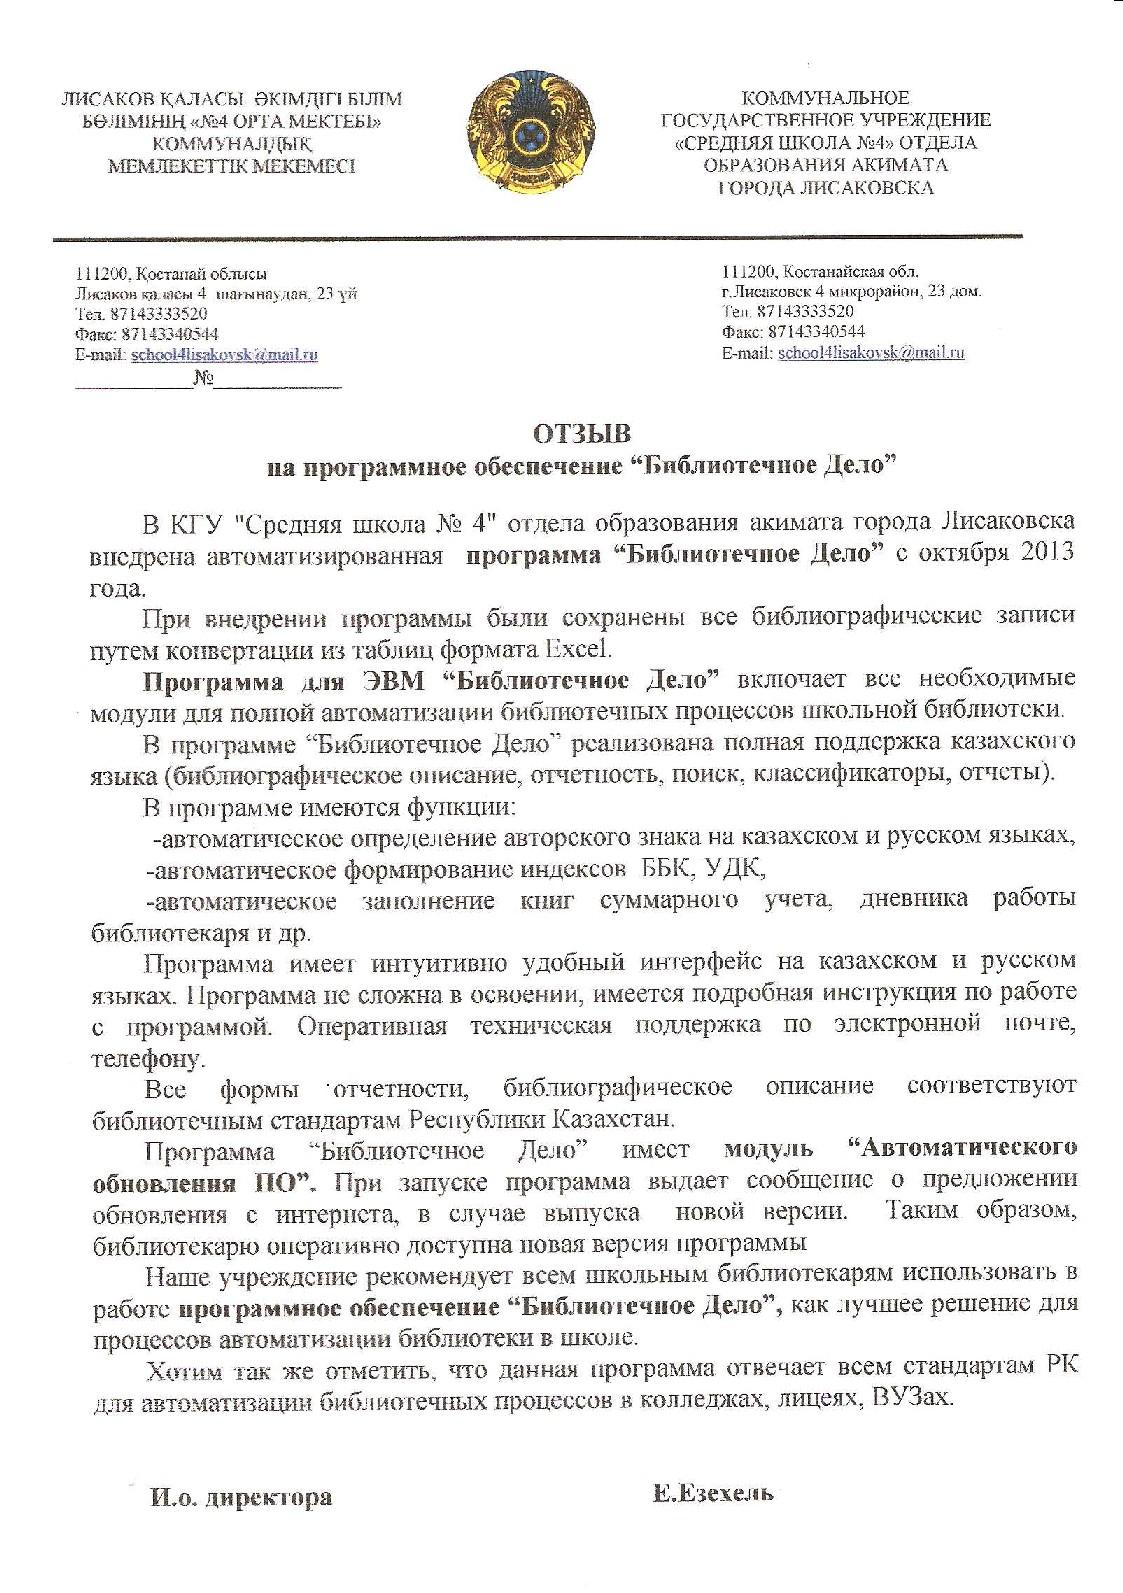 Отзыв школа 4 г. Лисаковск